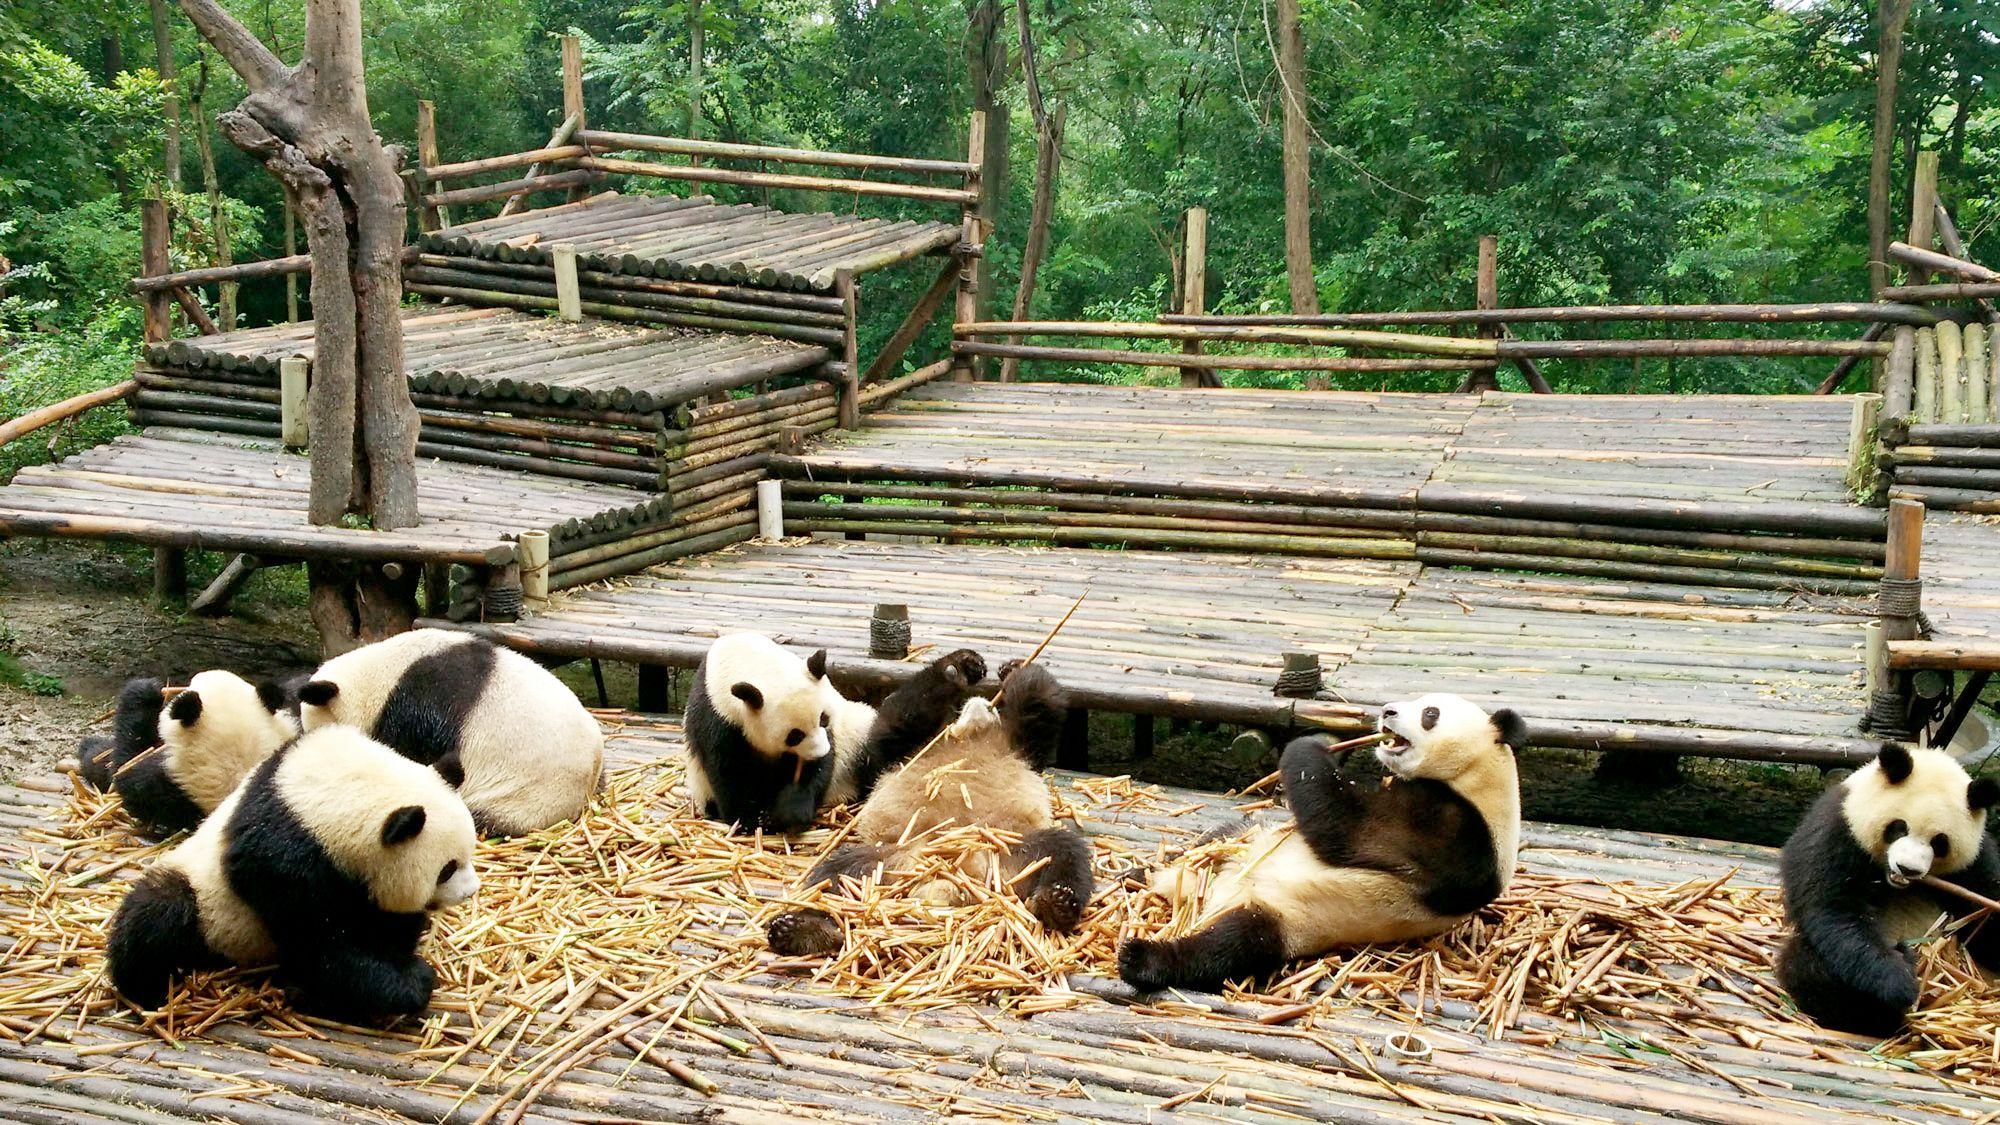 Full-Day Panda Hometown tour in Chengdu, China